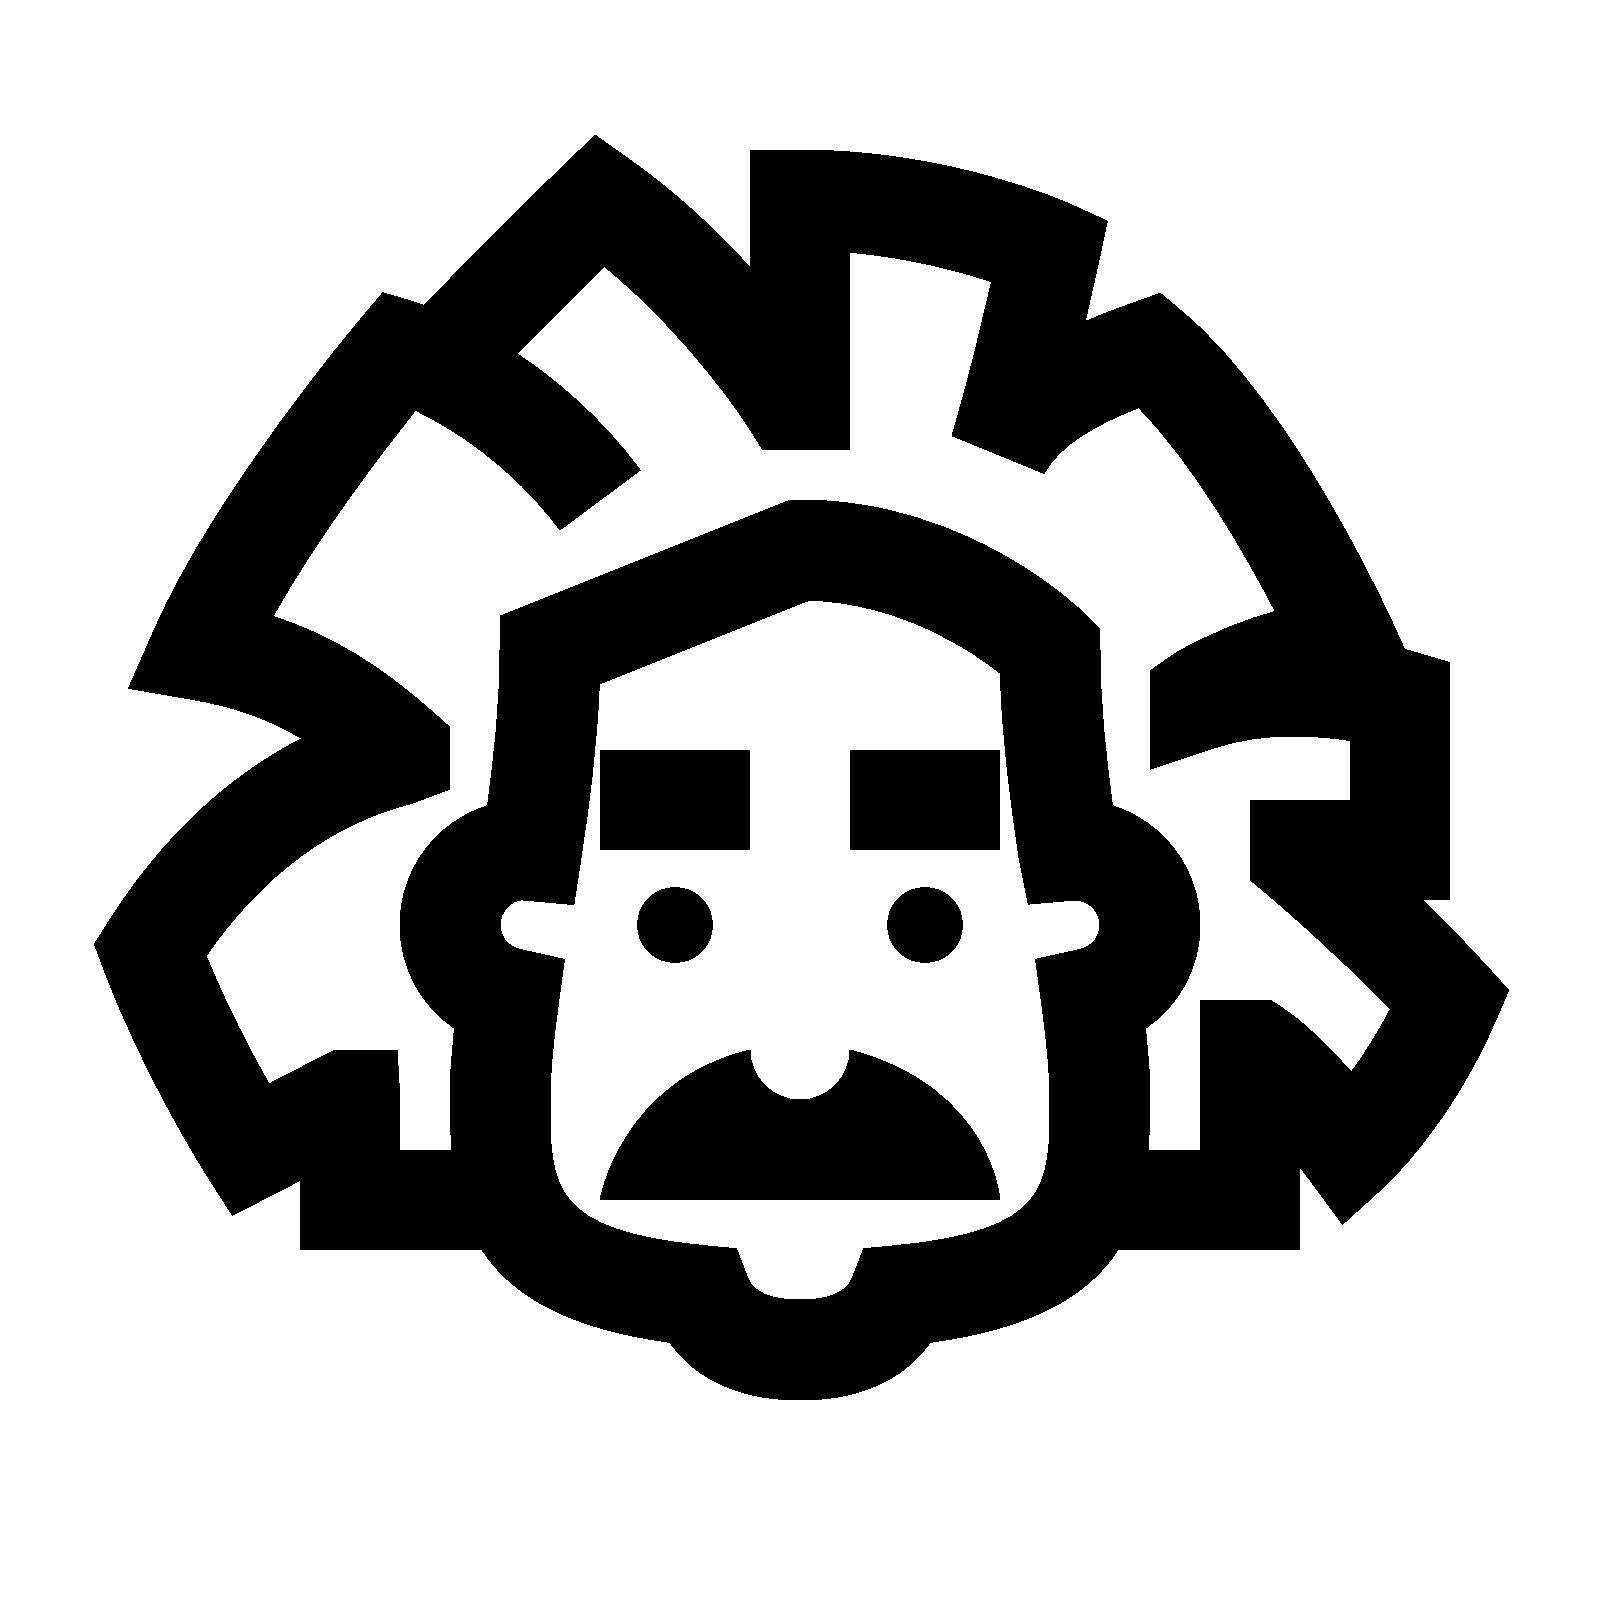 Einstein clipart mustache. Computer icons scientist notation